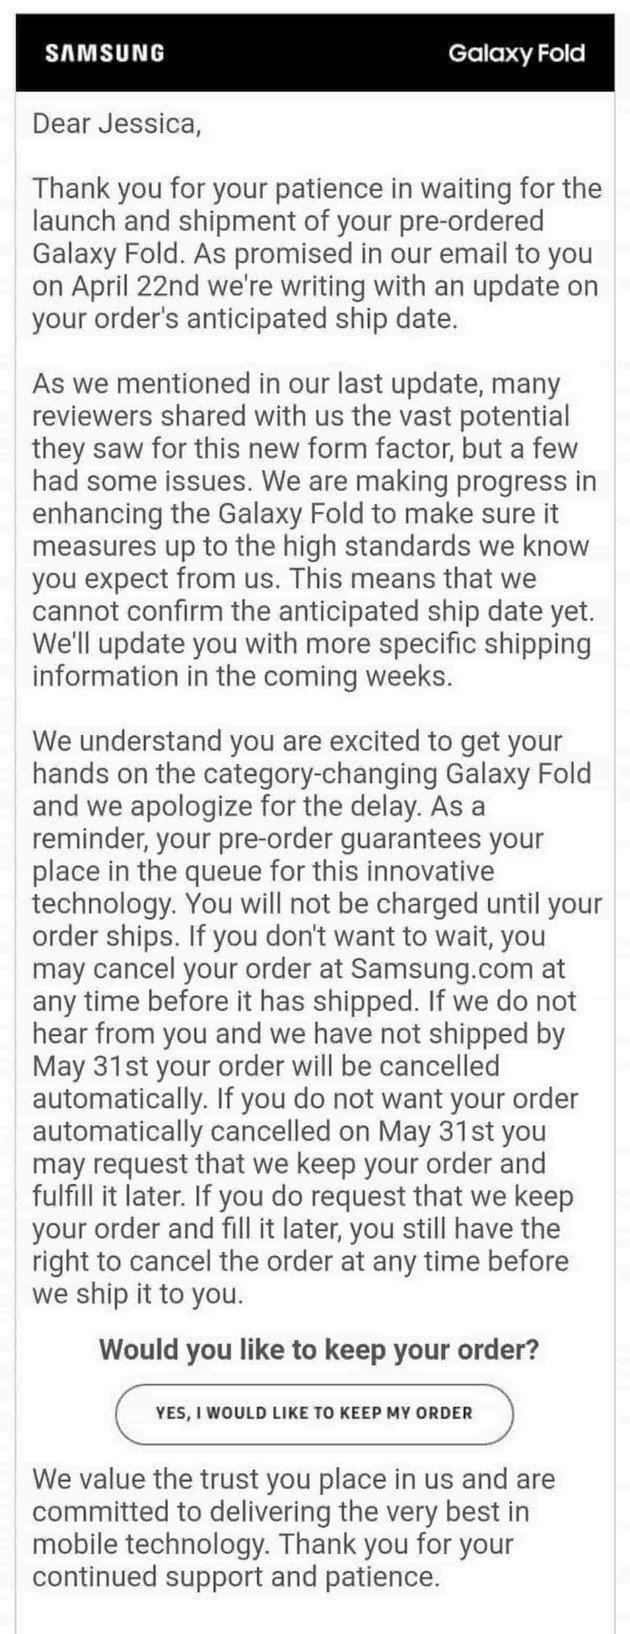 galaxy fold email